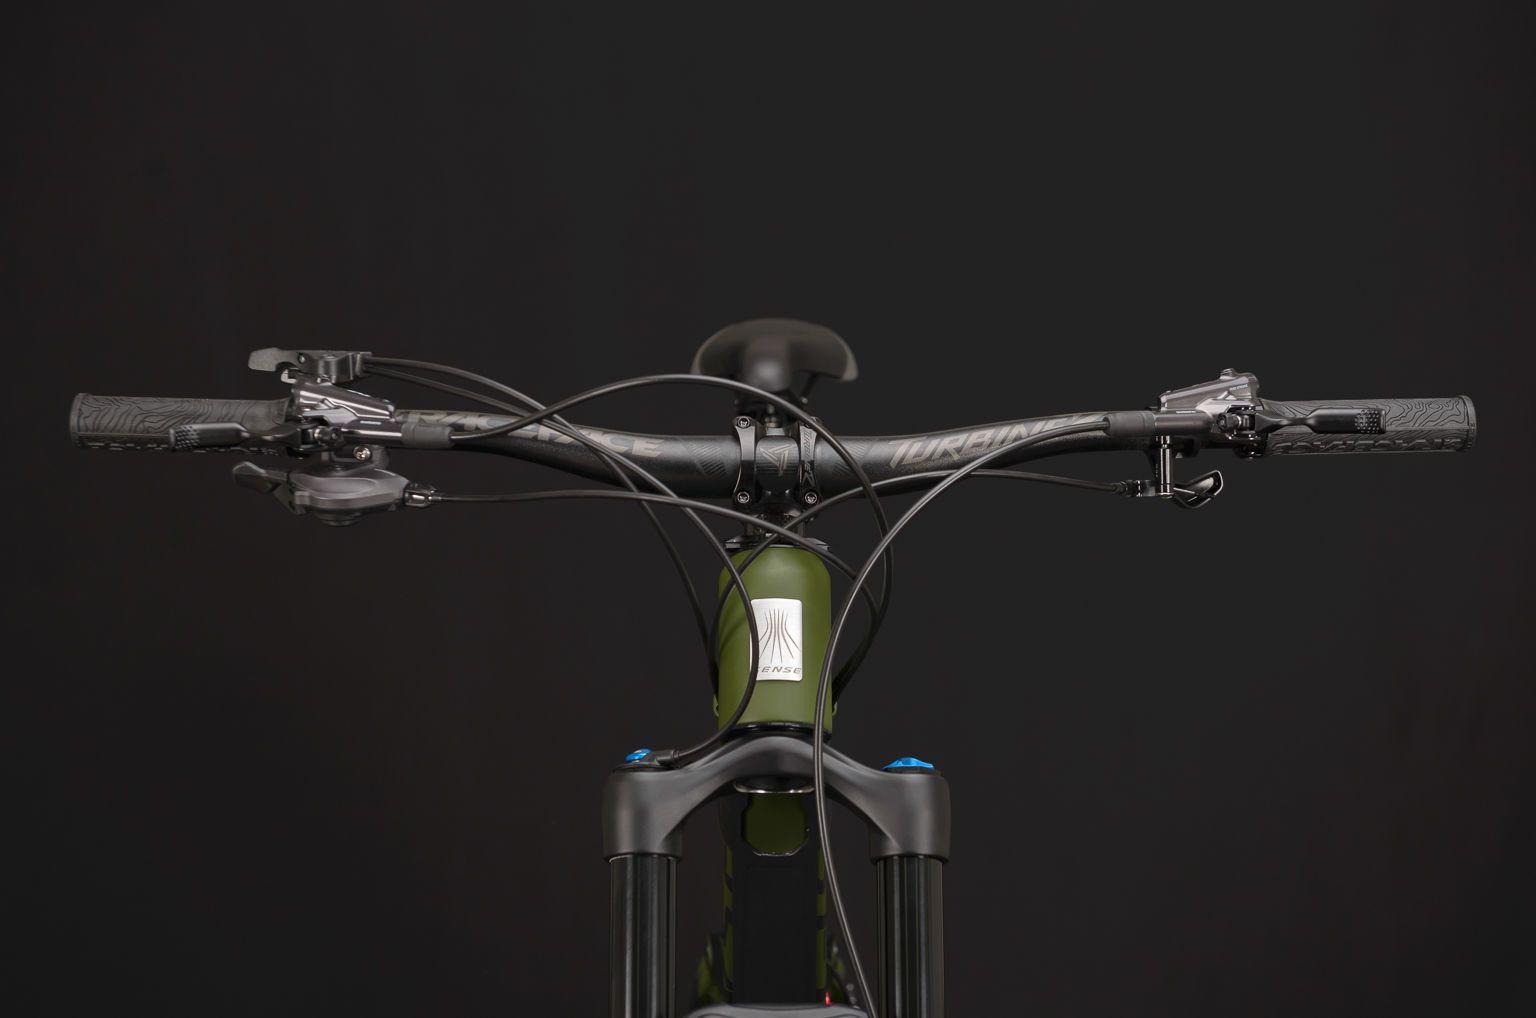 Bicicleta SENSE Exalt LT 2020 - 12v Shimano XT - Verde Militar